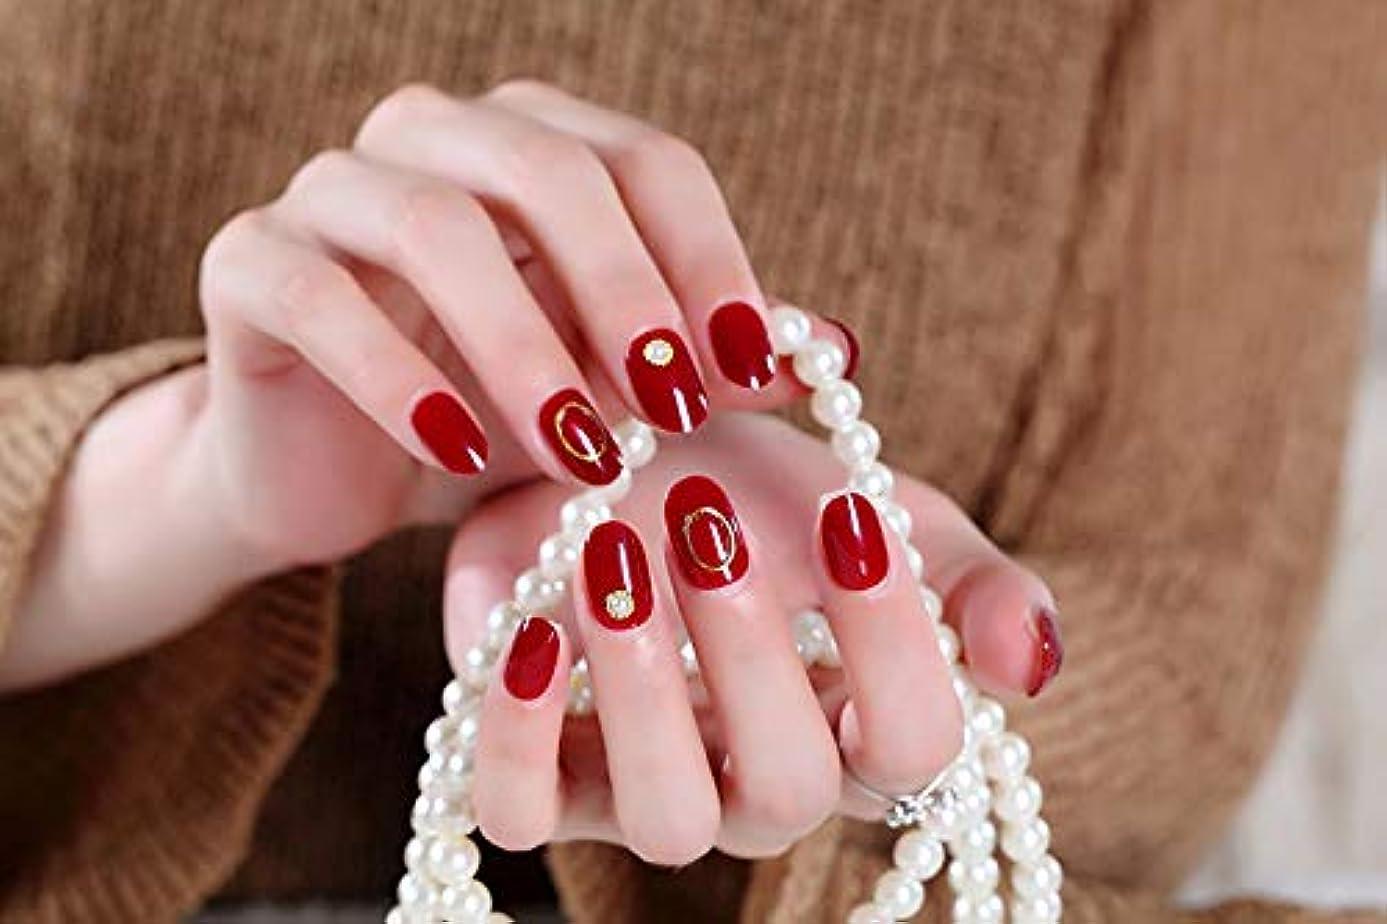 24枚入 手作りネイルチップ ネイル花嫁 ゴールデンビーズ 円の装飾 かわいいとエレガント 花嫁の爪のチップ (チェリー)